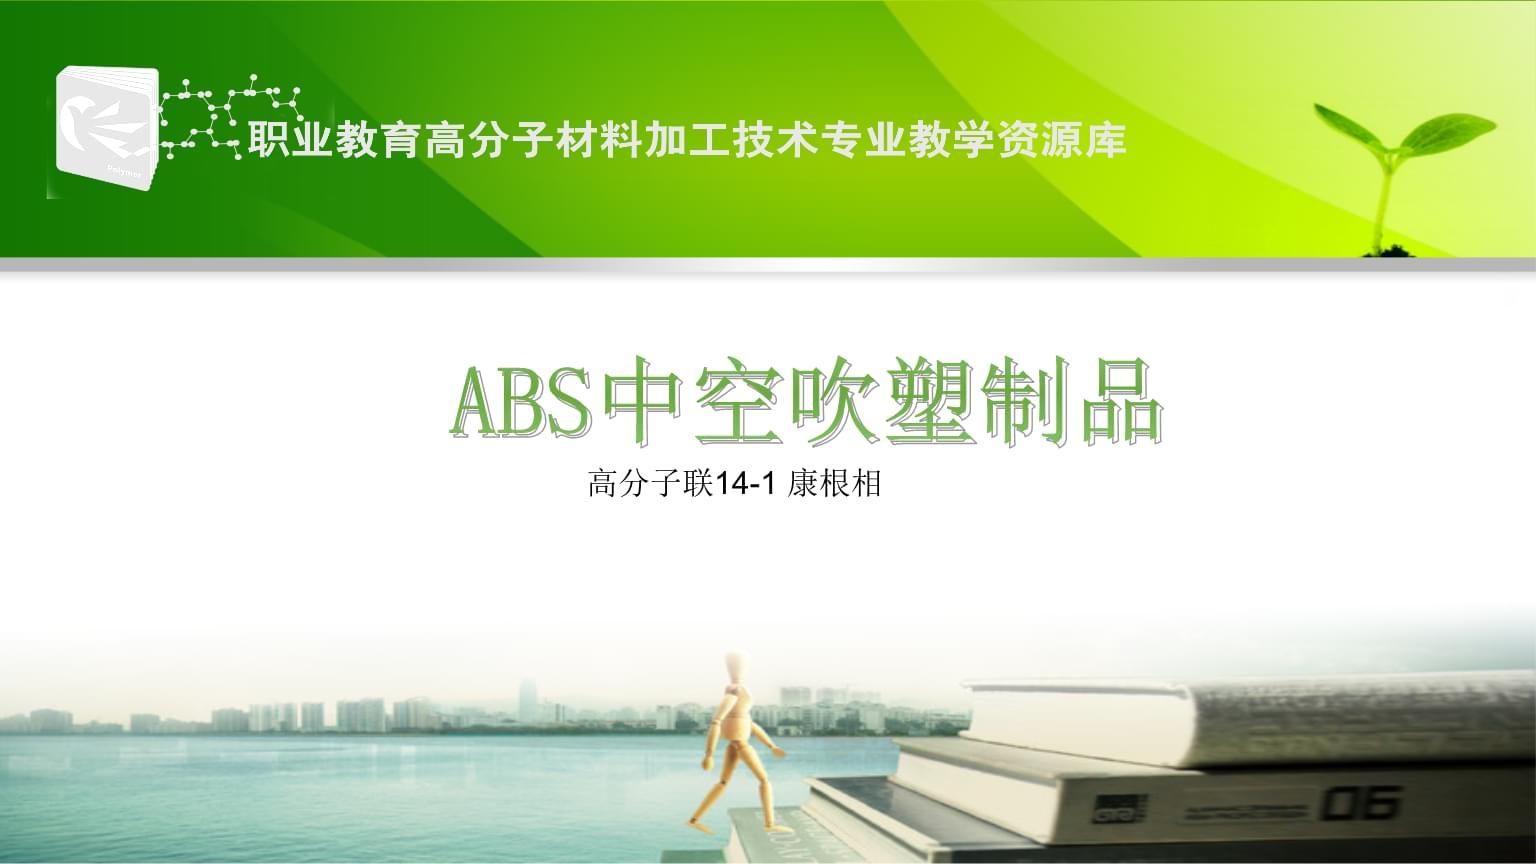 塑料挤出成型 中空挤出吹塑制品范例 ABS中空吹塑制品.pptx